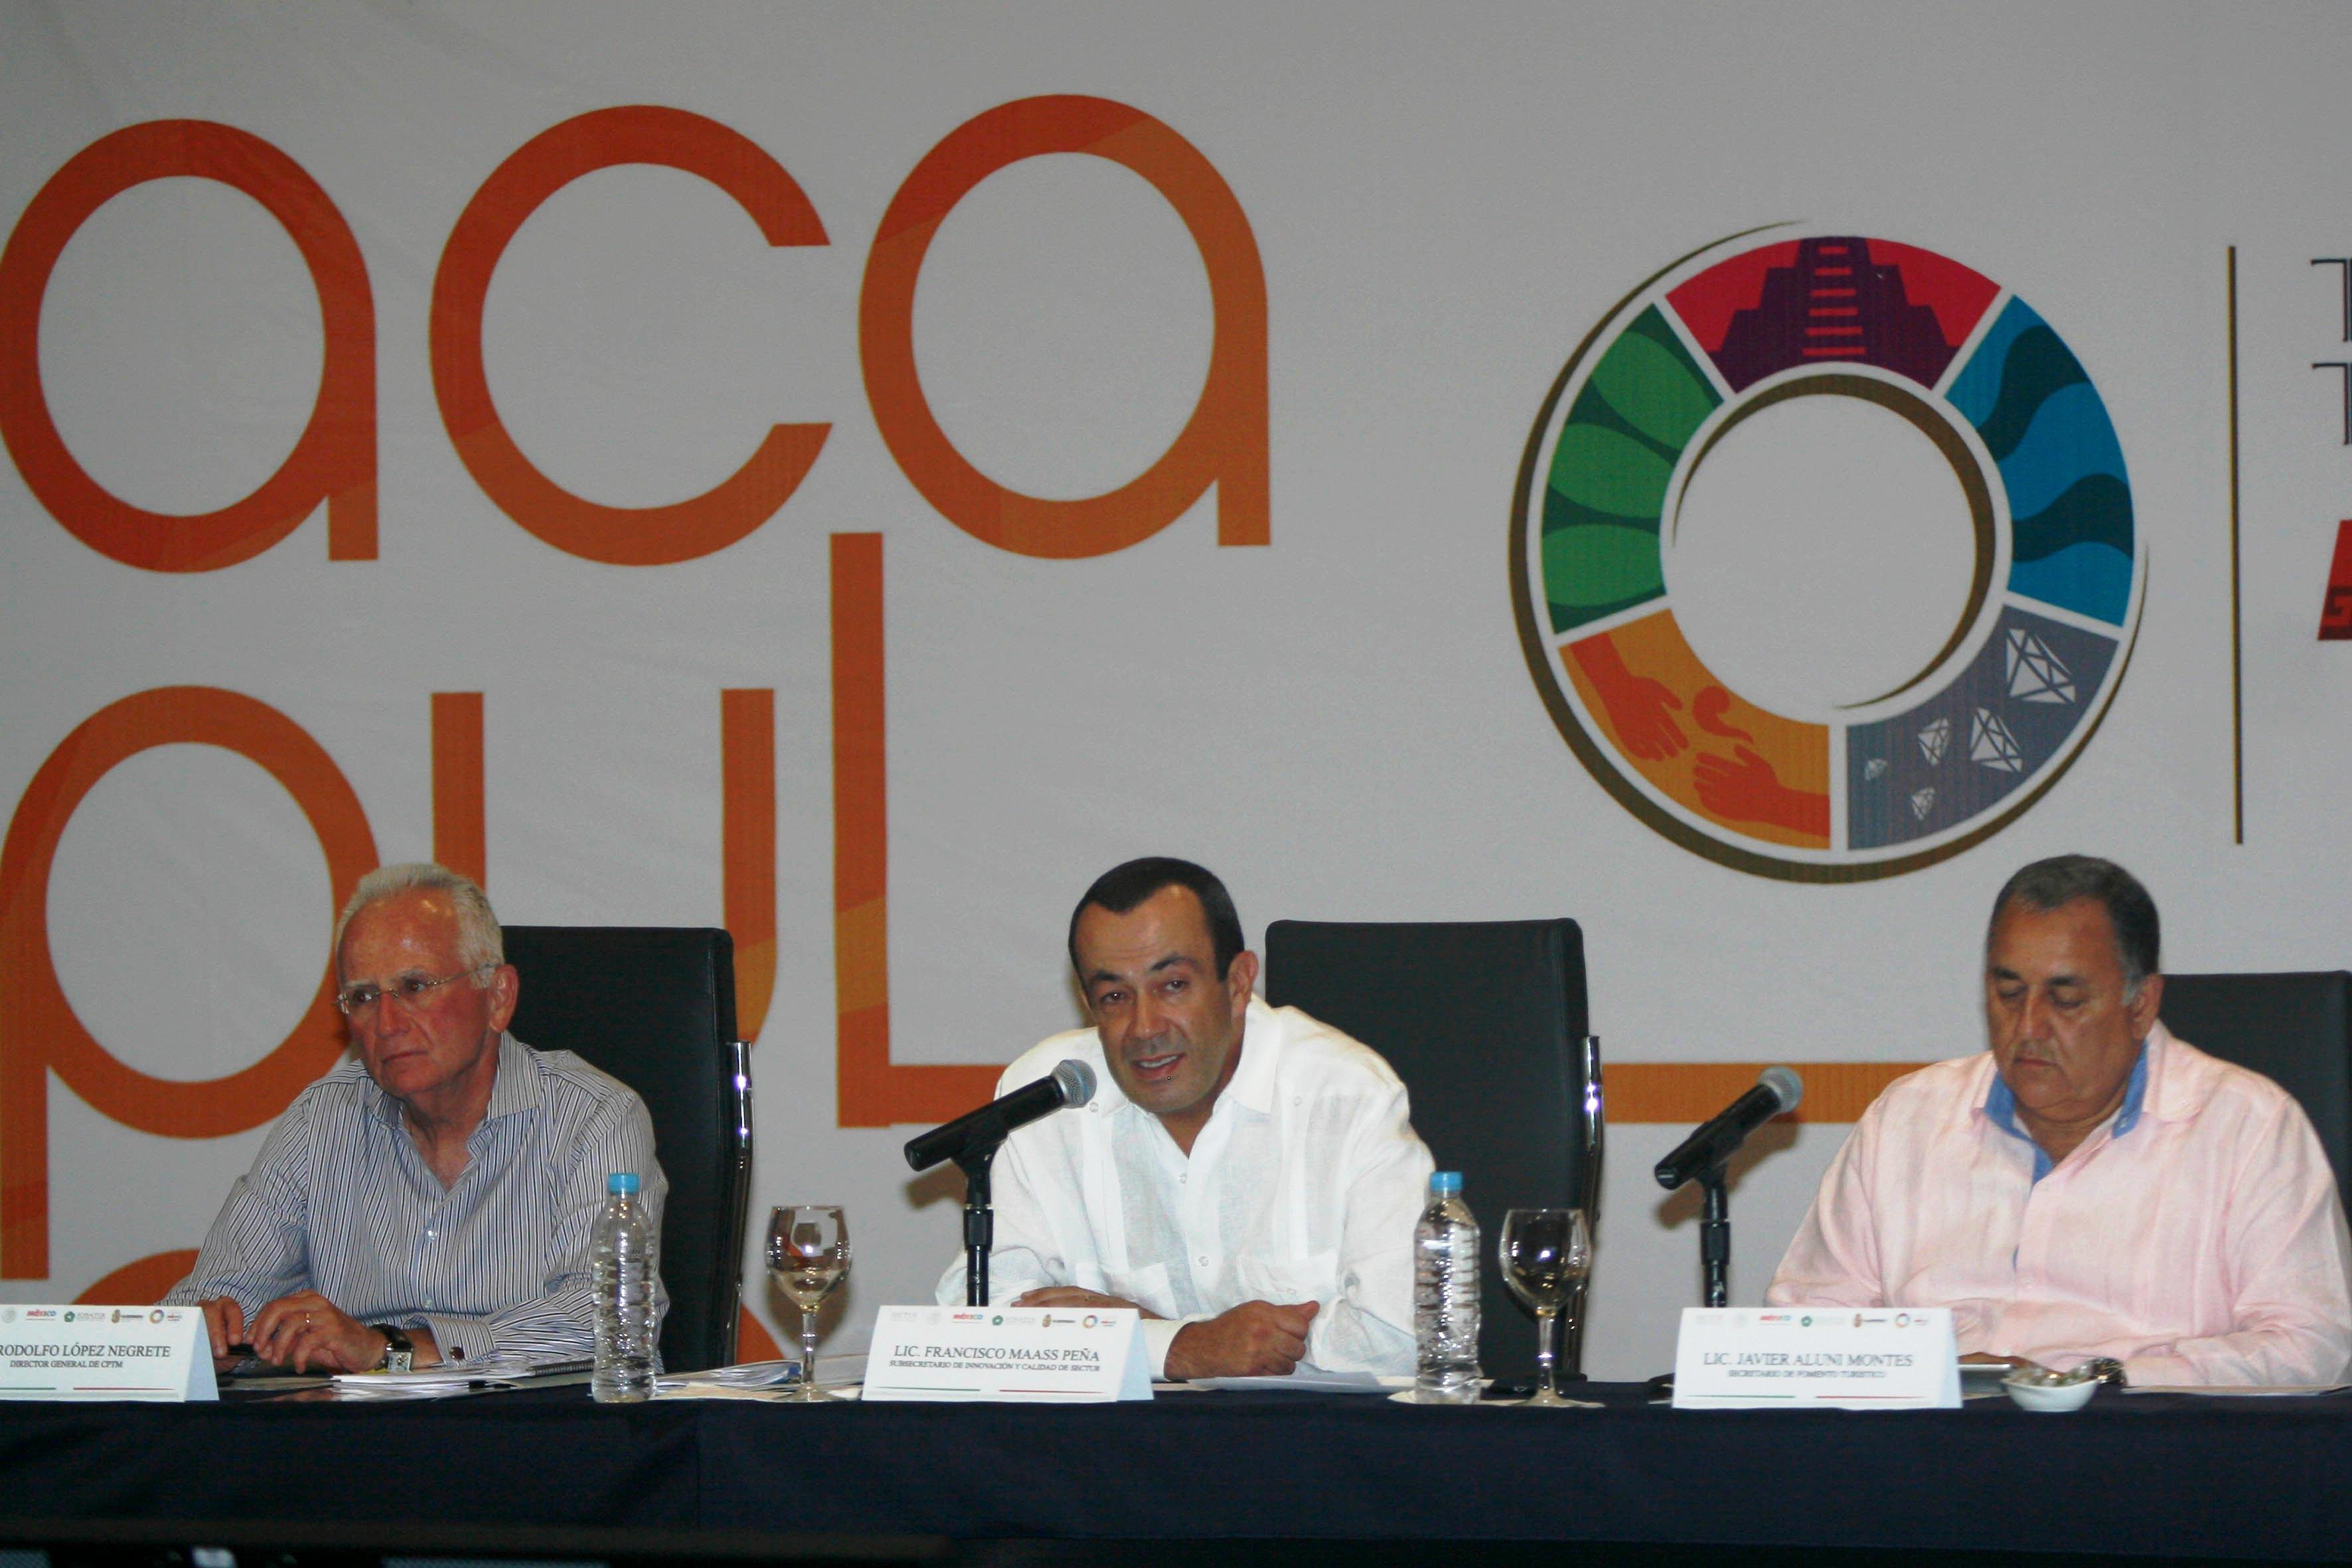 El subsecretario de Turismo, Francisco Maass Peña, aseguró que el Tianguis Turístico de Acapulco 2015 rebasará todas las expectativas.